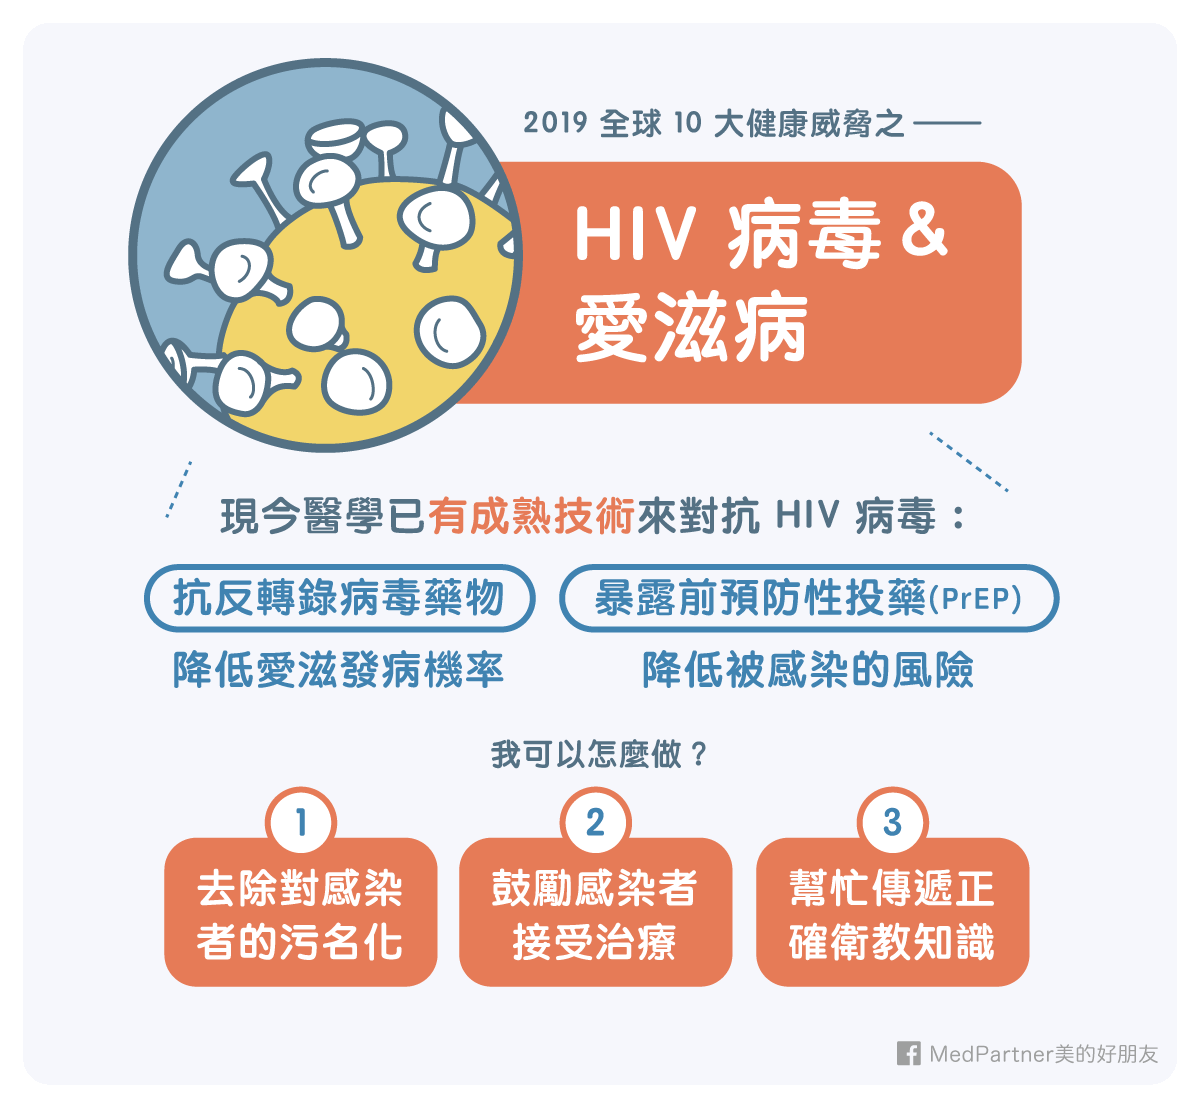 10大健康威脅_上_HIV與愛滋